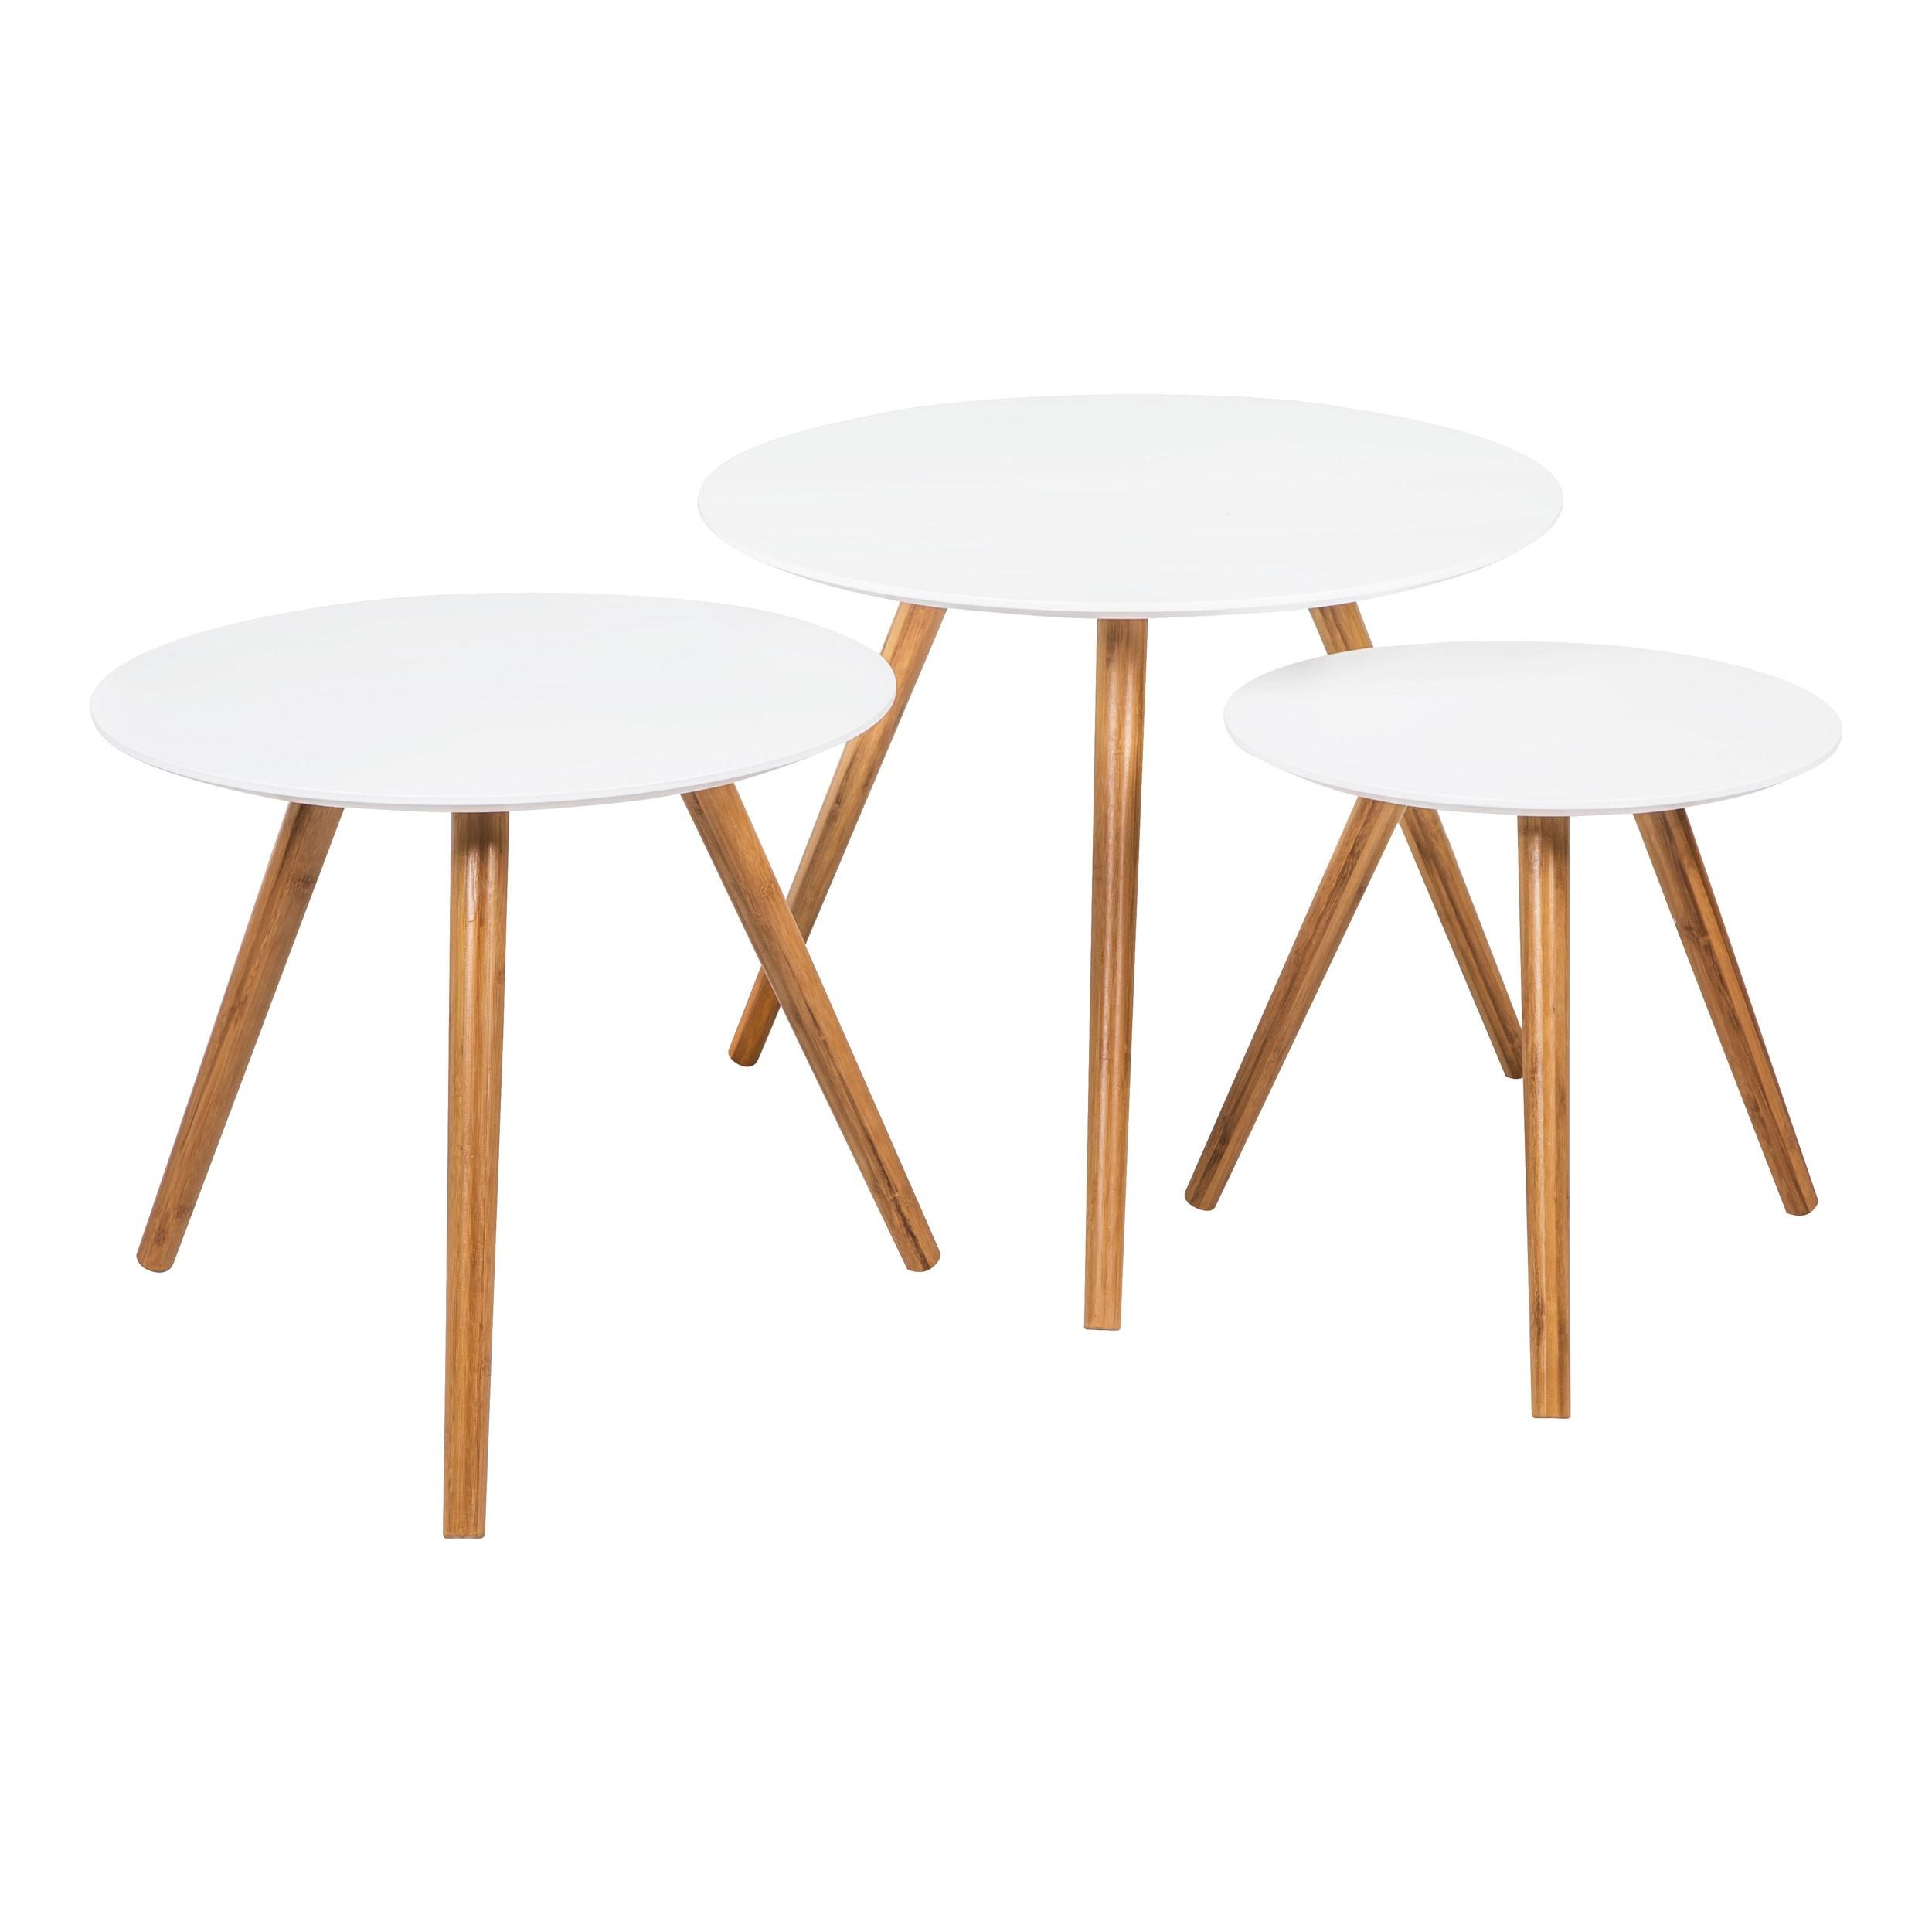 table basse ronde liv blanche lot de 3